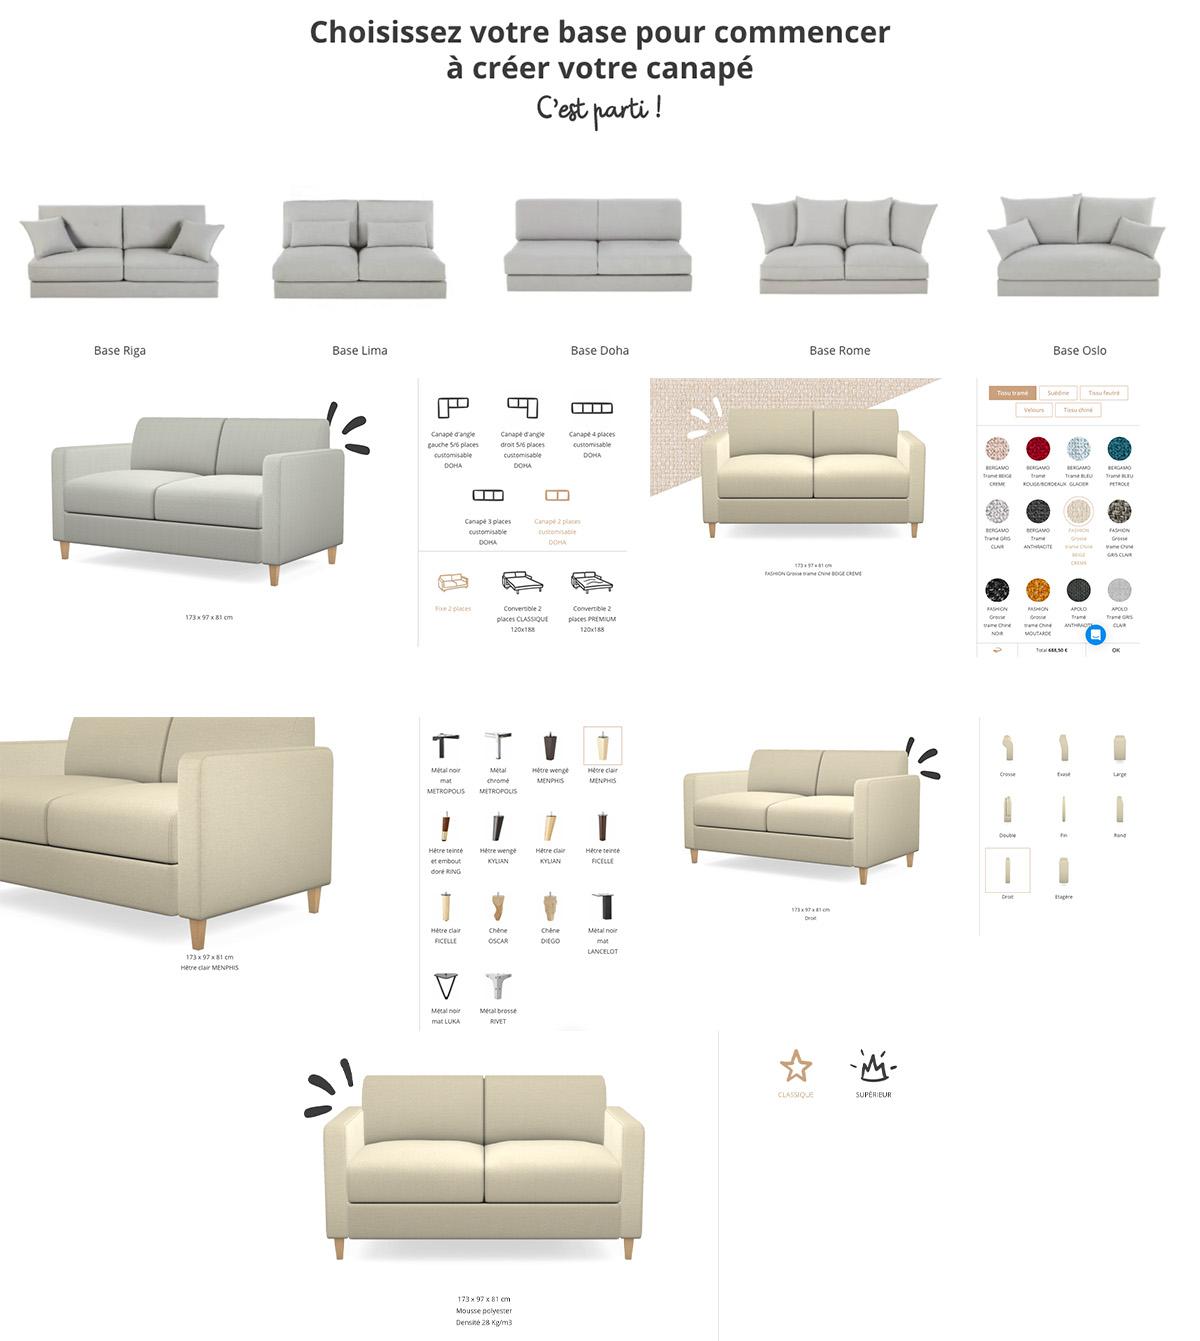 Canapé personnalisable Maisons du Monde So...me choix pieds assise tissu forme taille